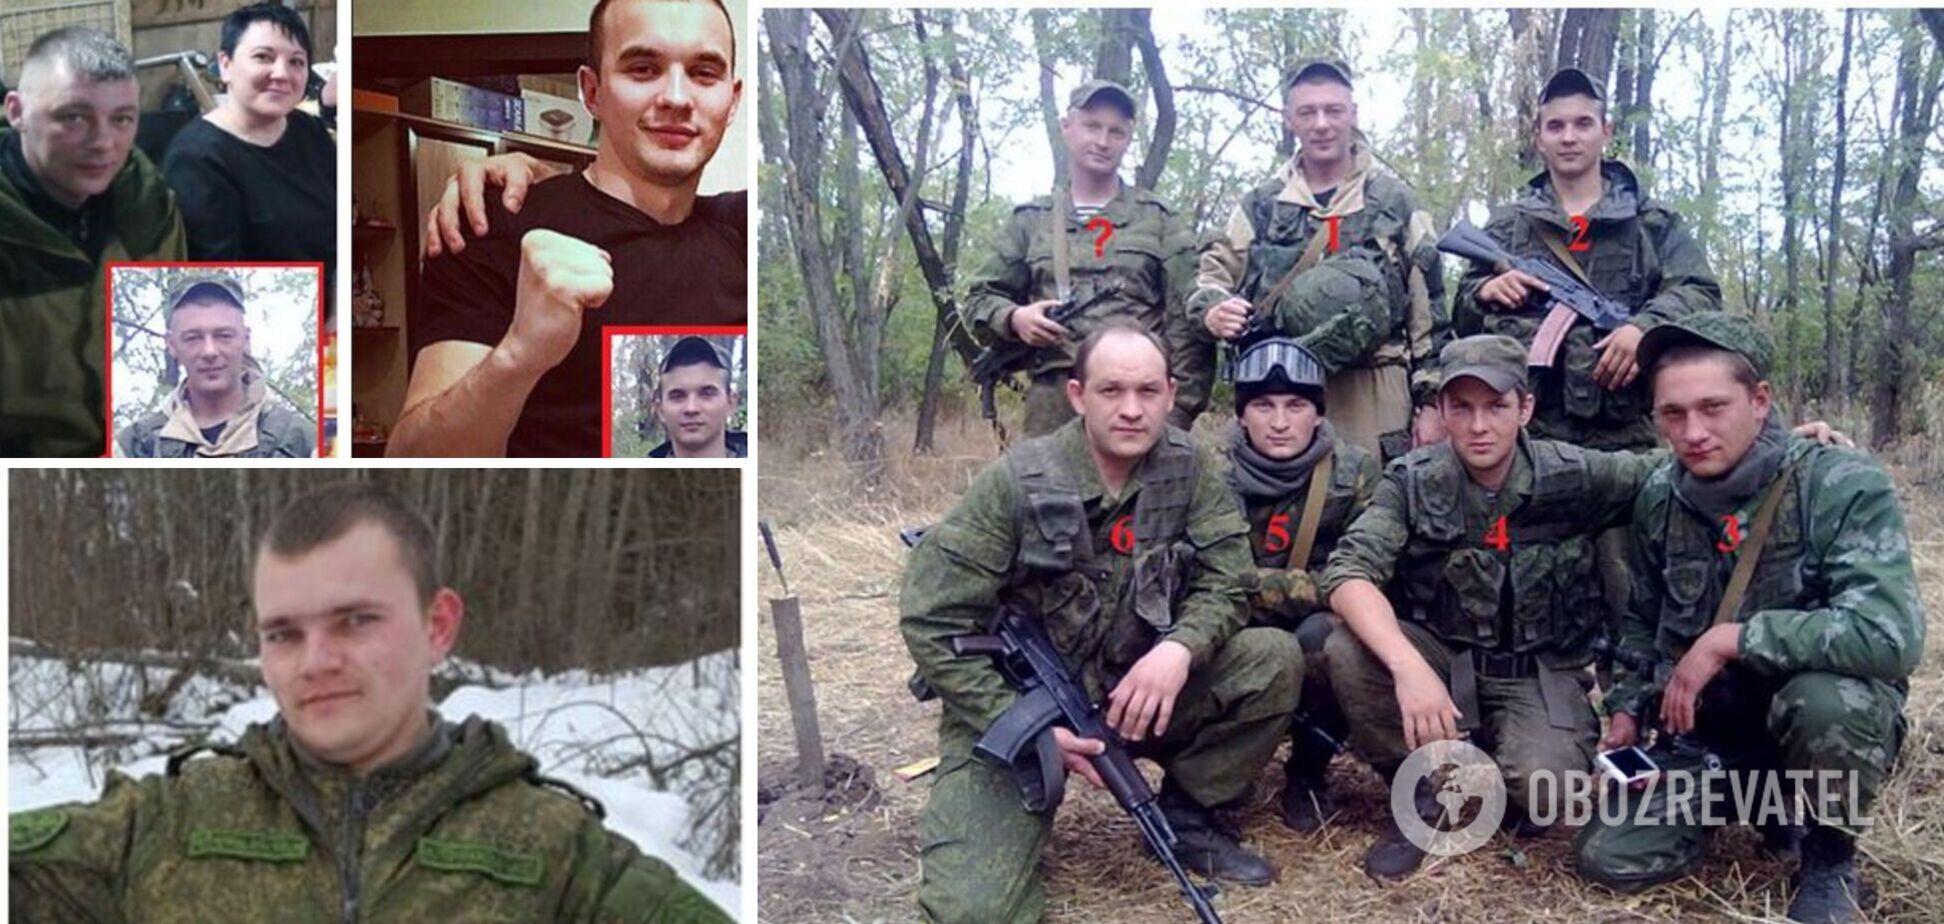 Розслідувачі встановили дані російських морських піхотинців, які воювали на Донбасі. Фото